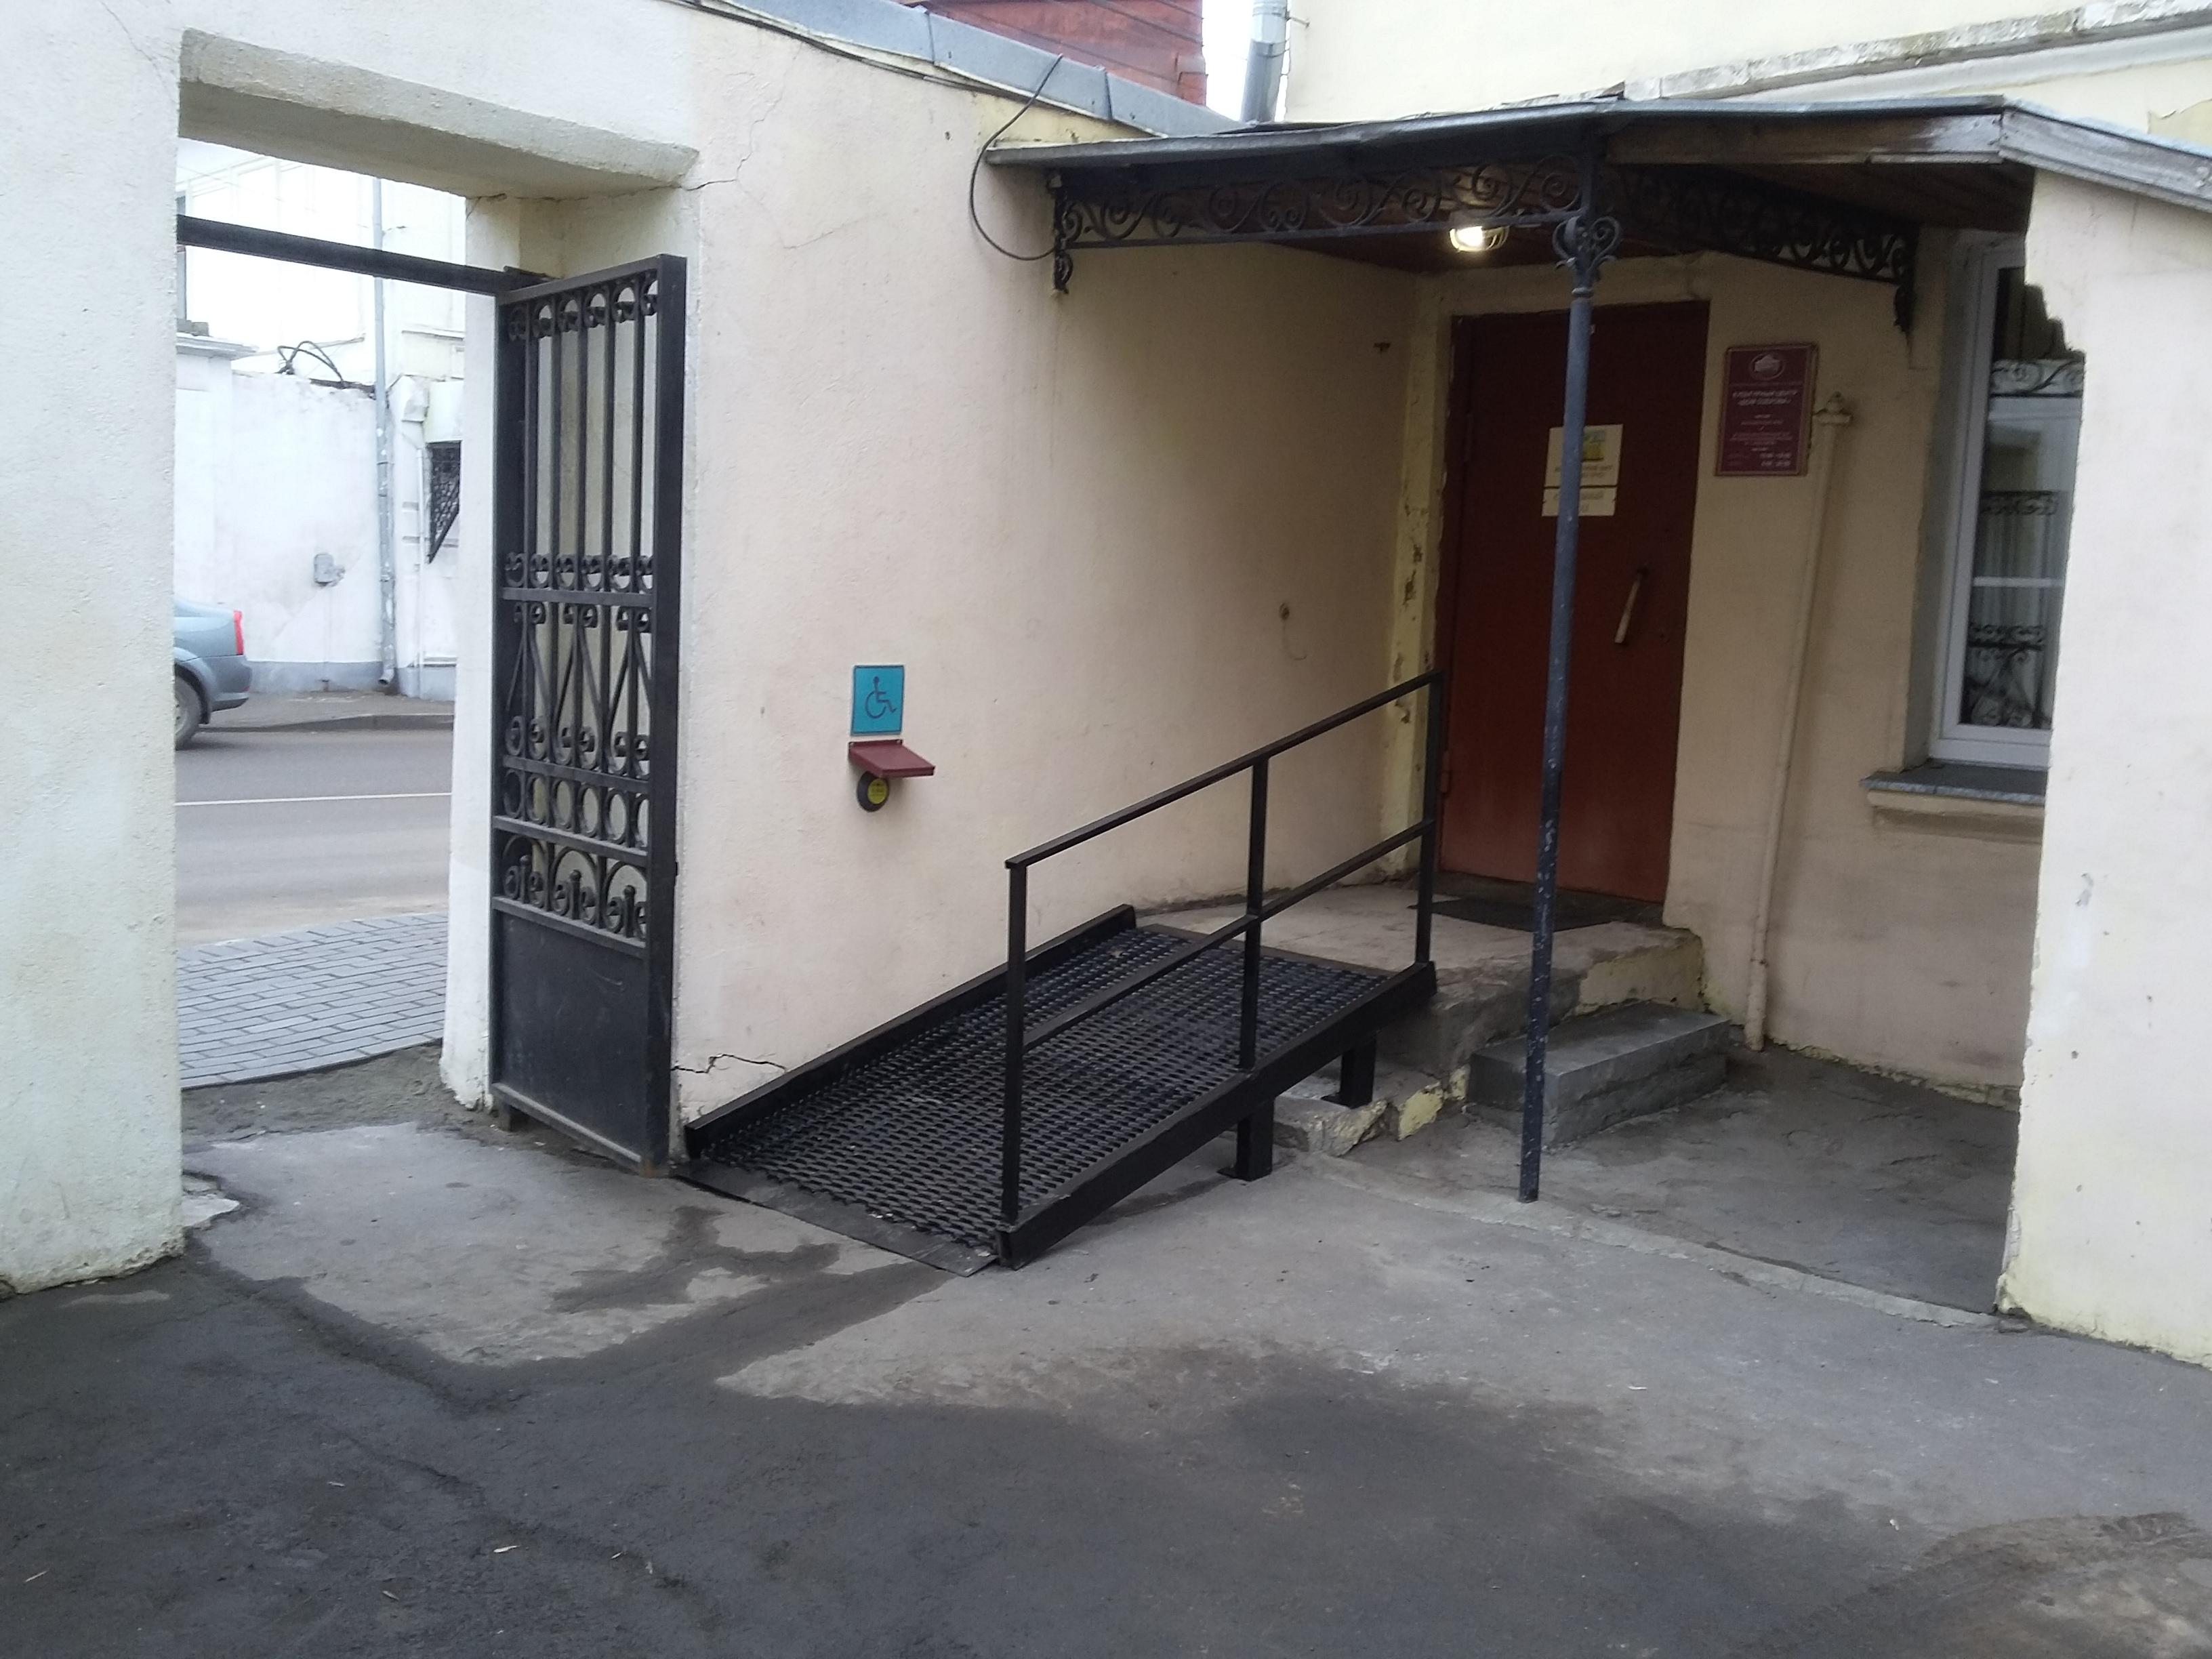 Новости Коломны   В коломенском культурном центре протестировали новый пандус Фото (Коломна)   iz zhizni kolomnyi